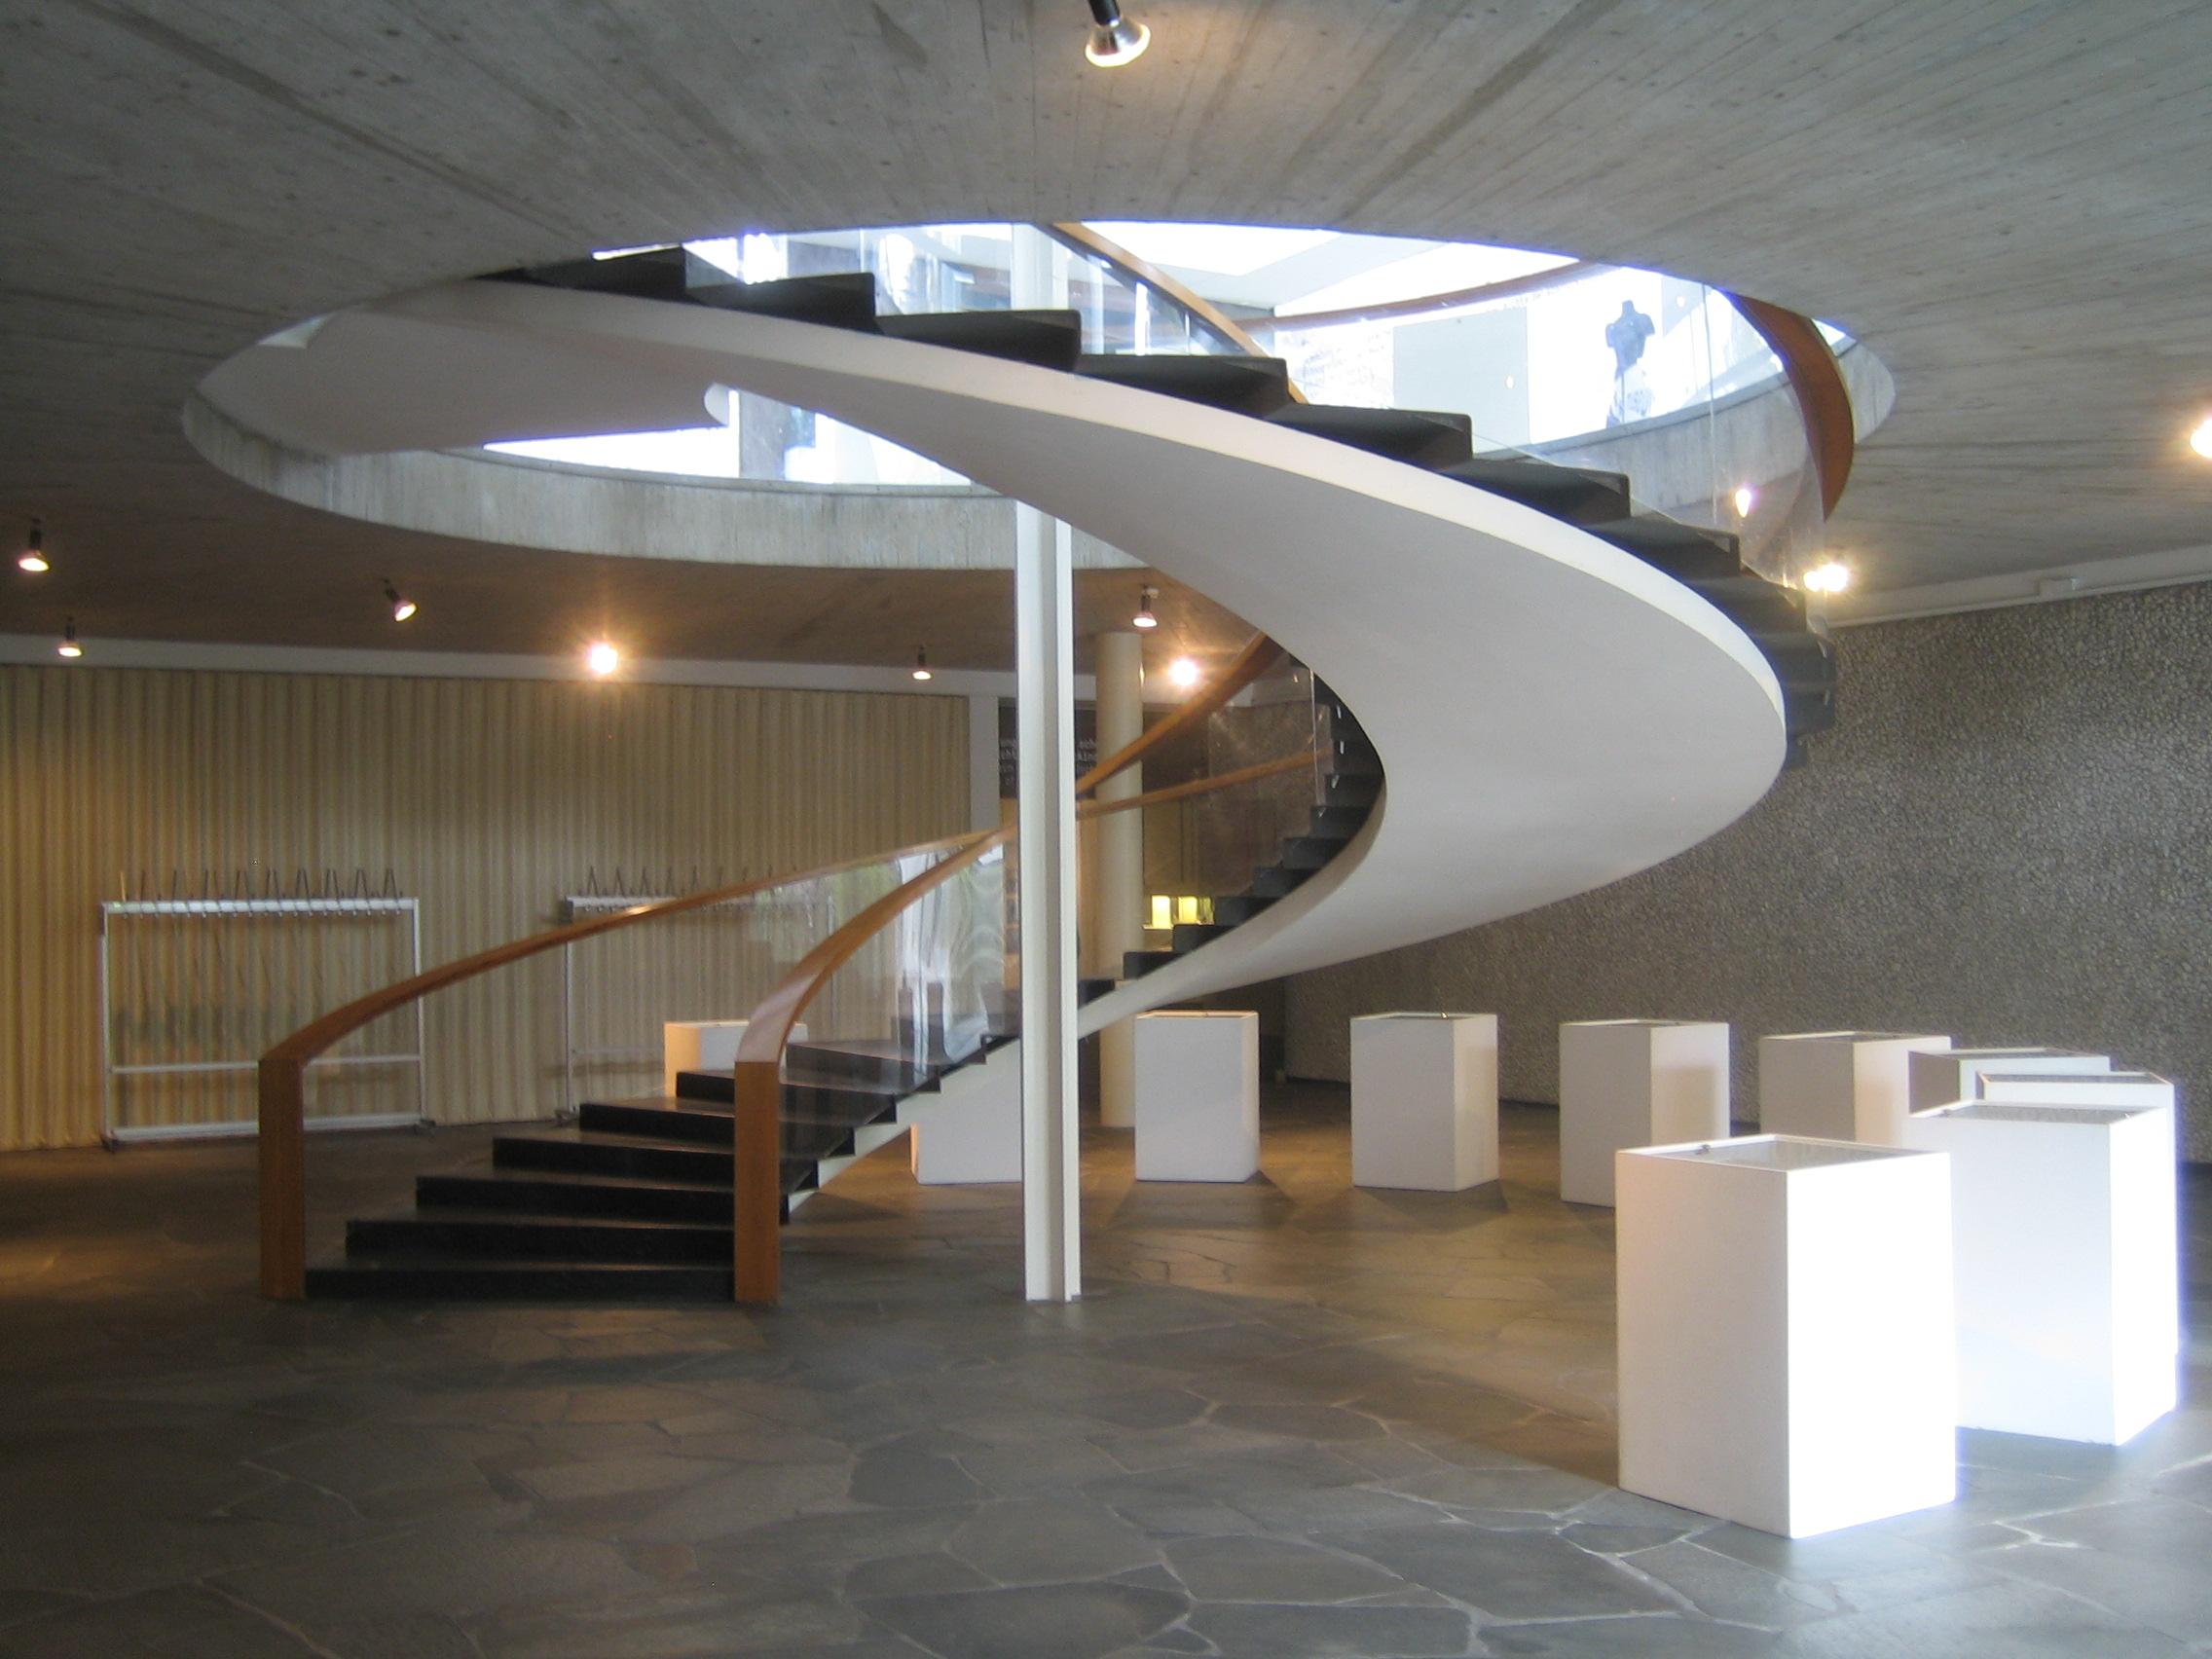 Schmuckmuseum Pforzheim, 2015, trap